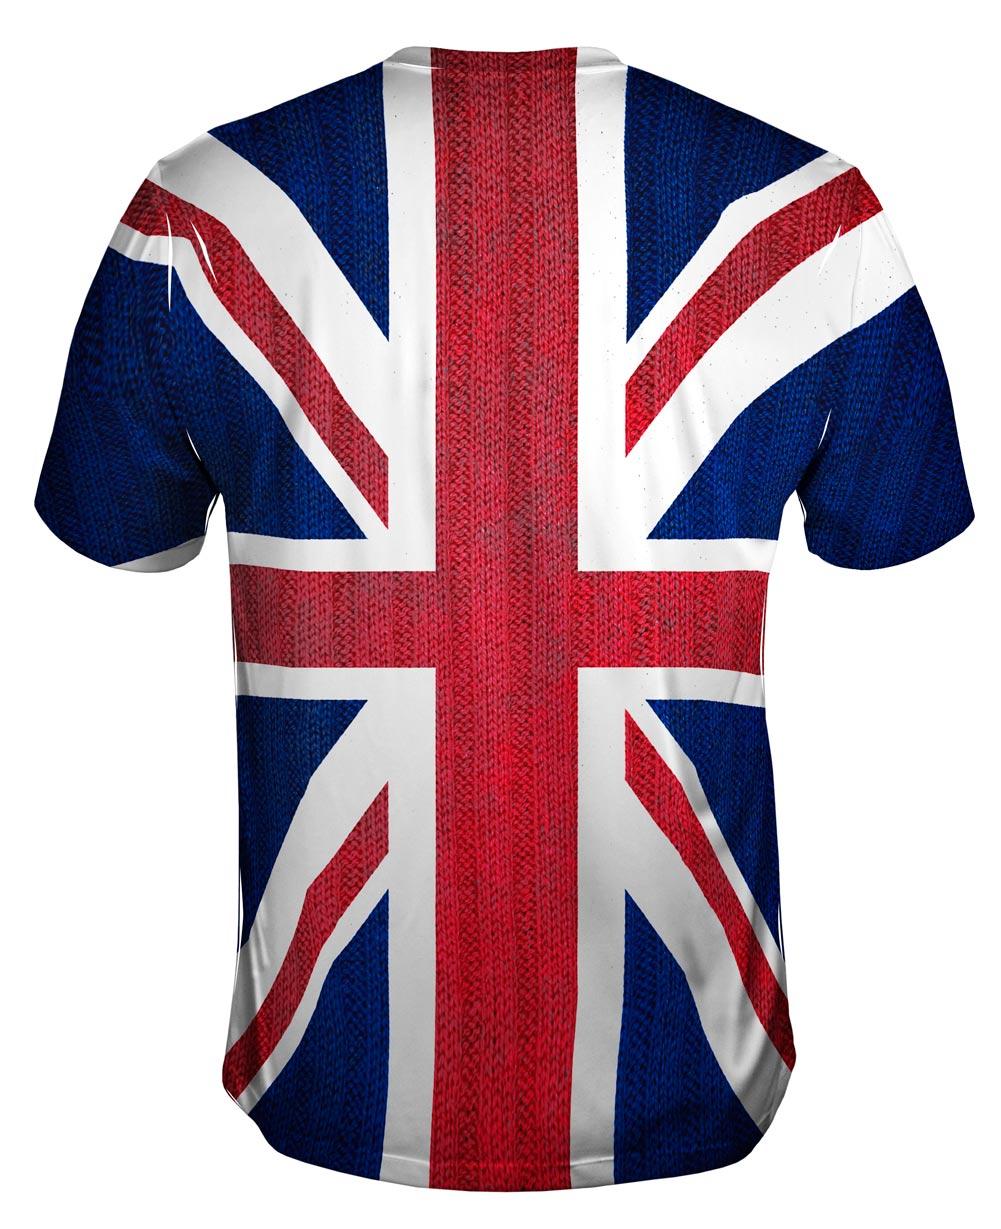 Yizzam union jack new men unisex tee shirt xs s m l xl for Mens t shirts 4xl